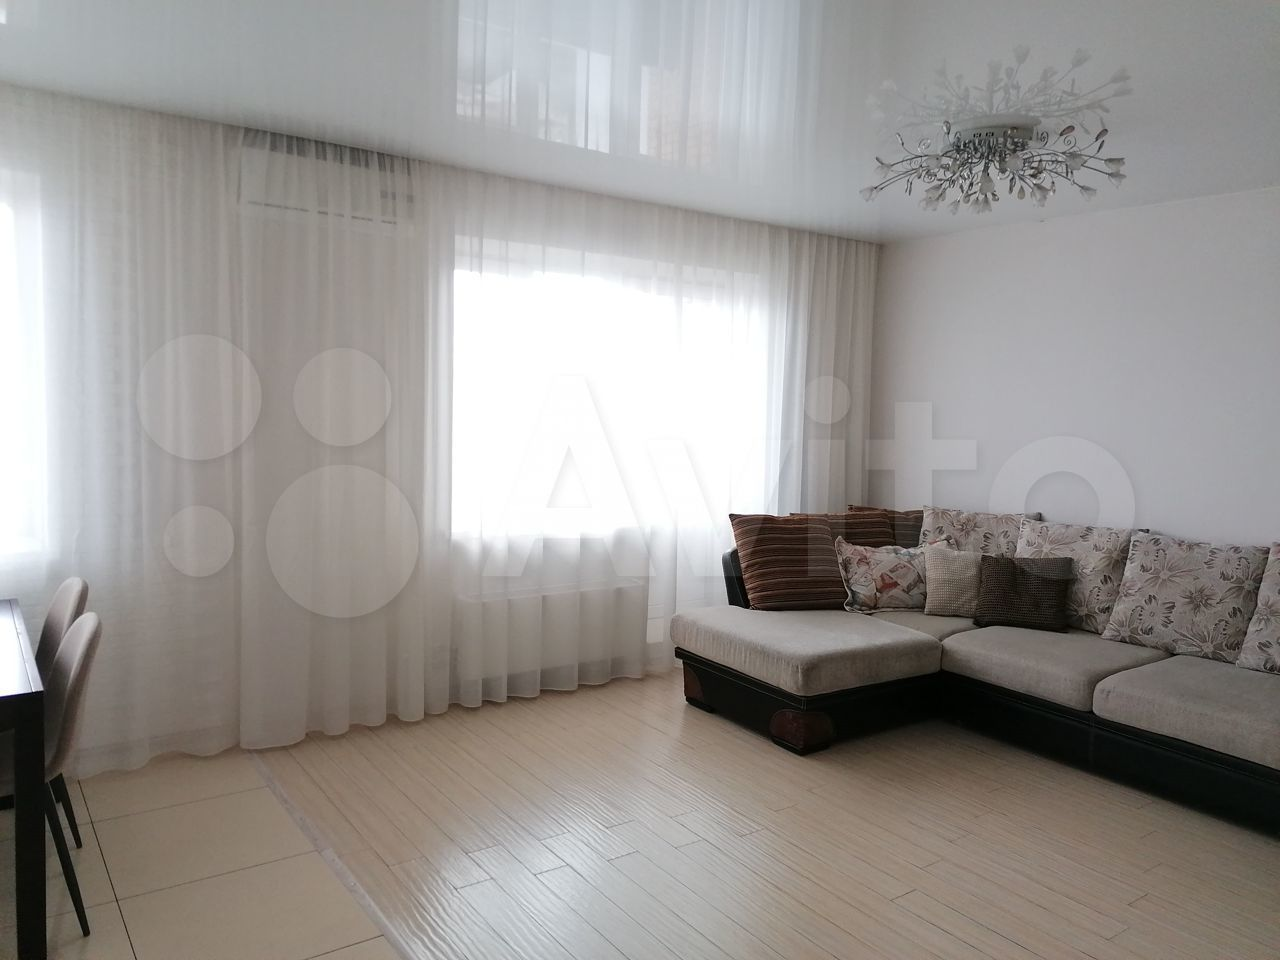 Квартира-студия, 42 м², 15/15 эт.  89644090008 купить 9